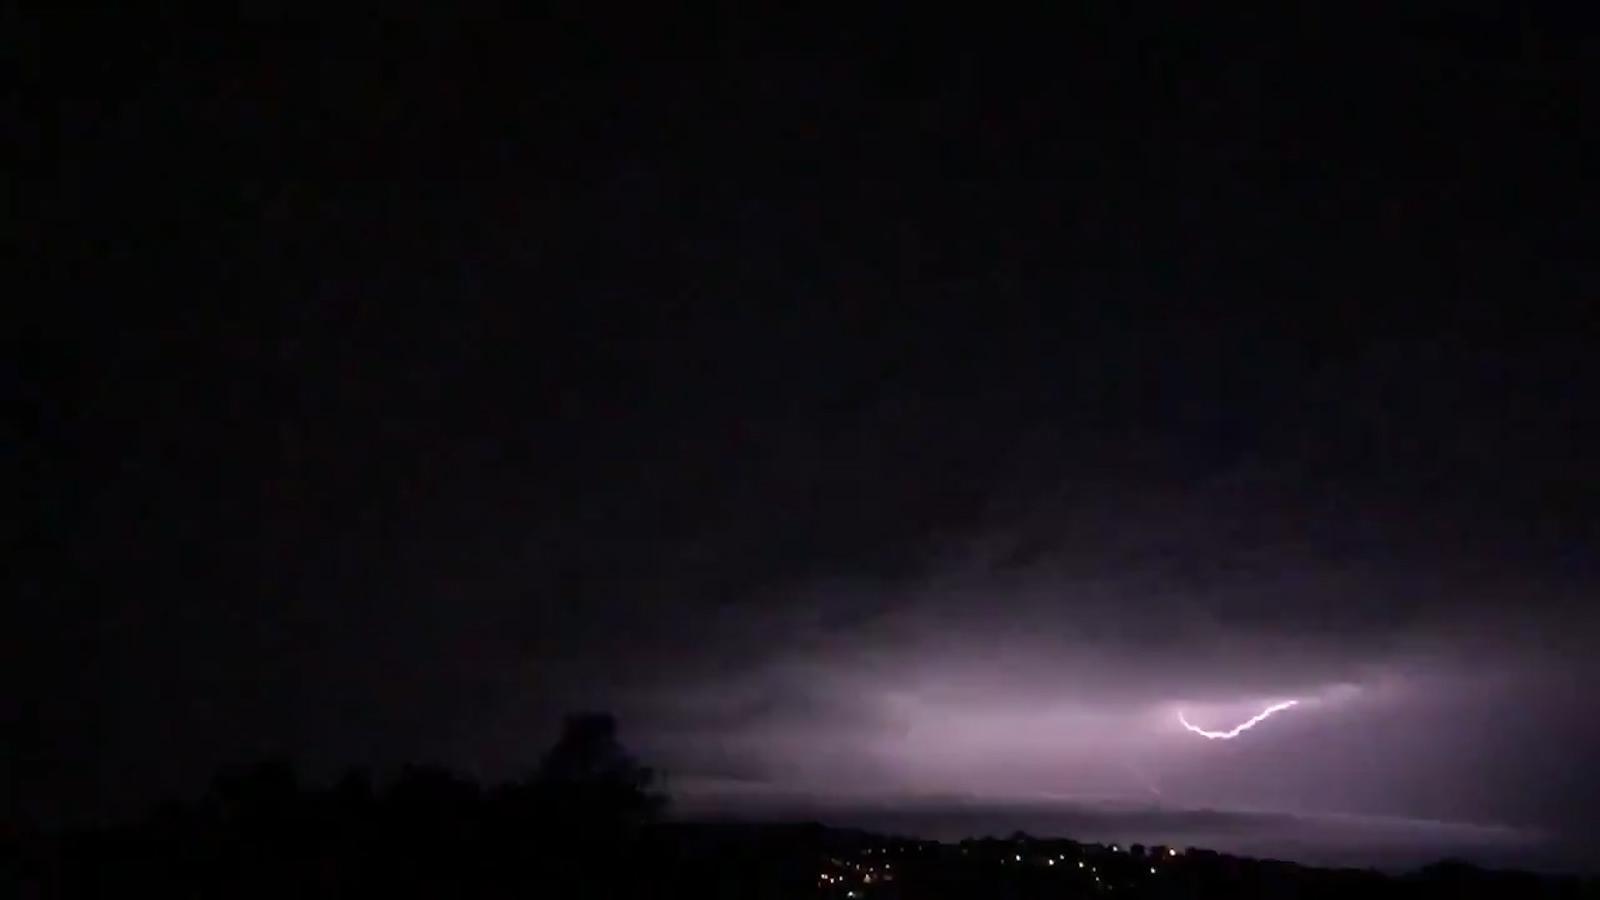 Un minut de llamps de les tempestes de les últimes hores